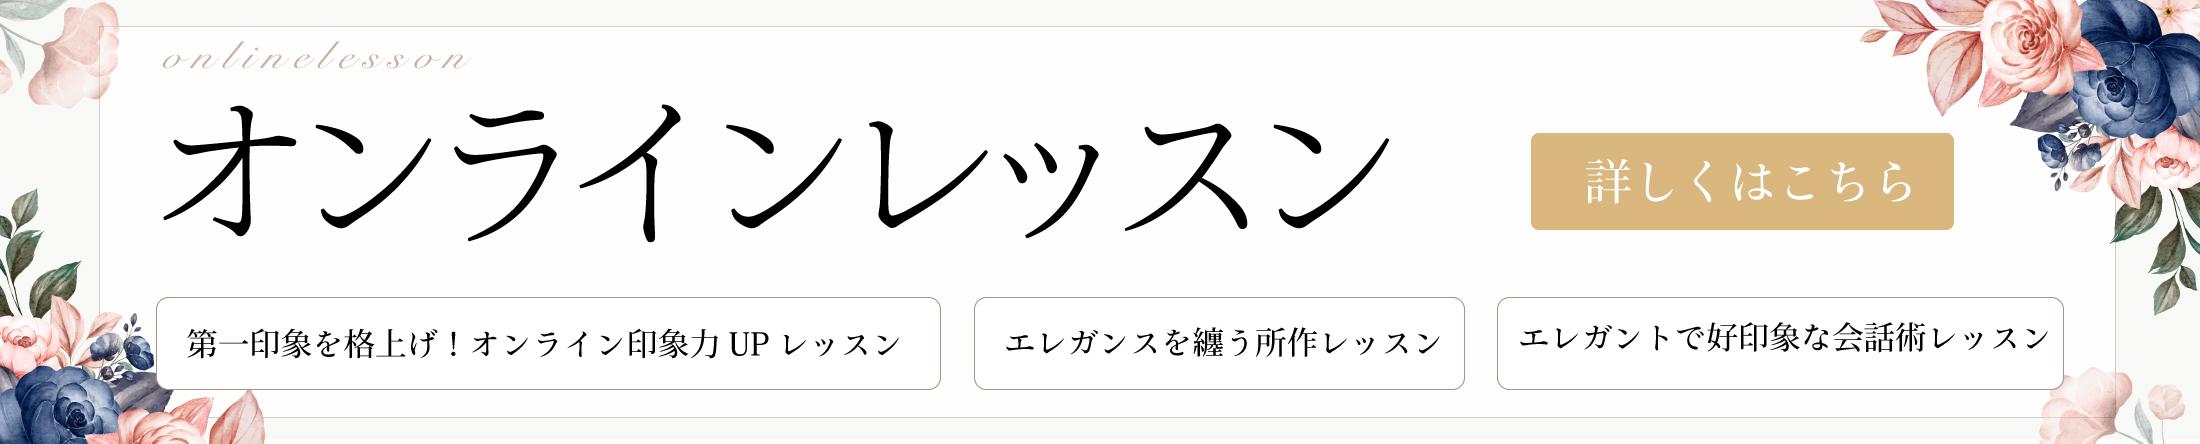 高田将代のオンライン マナーレッスン